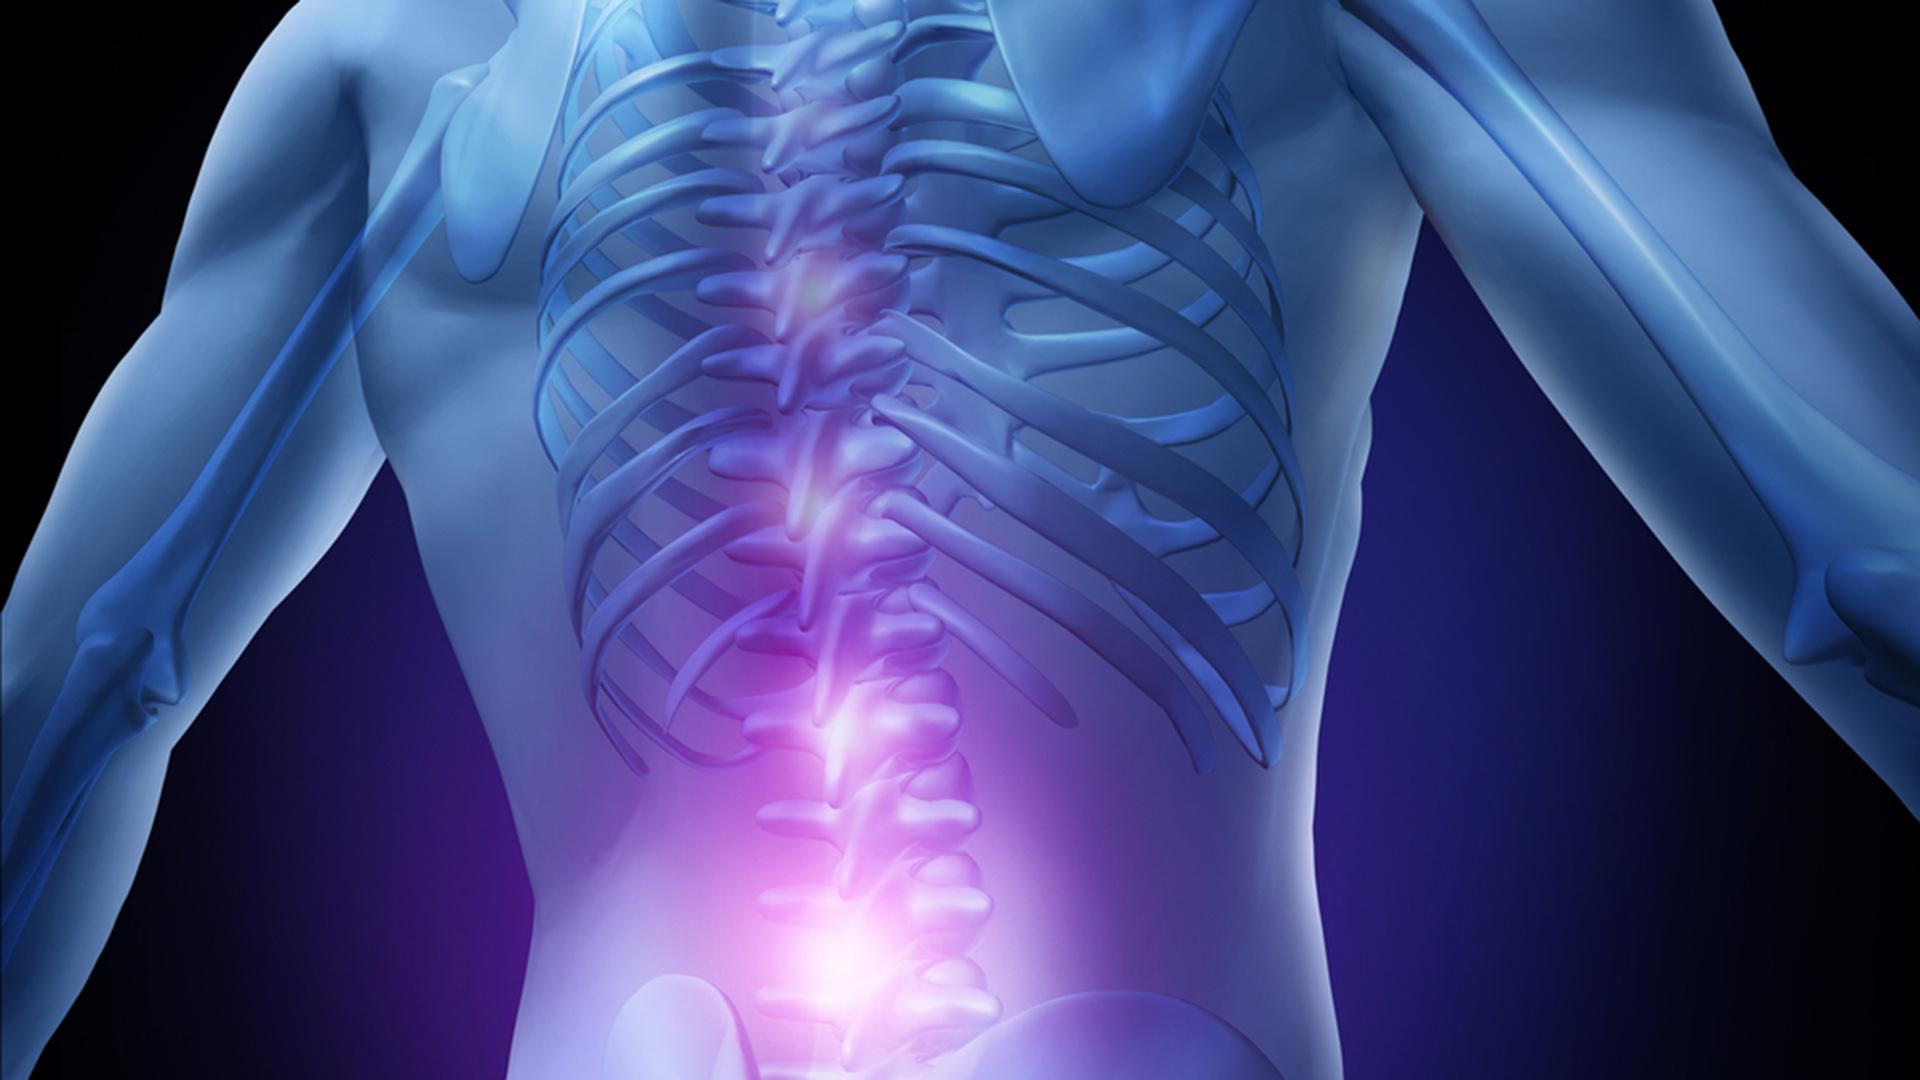 cum să amelioreze inflamația articulară în reumatism Care este diferența dintre tratamentul artritei și artrozei